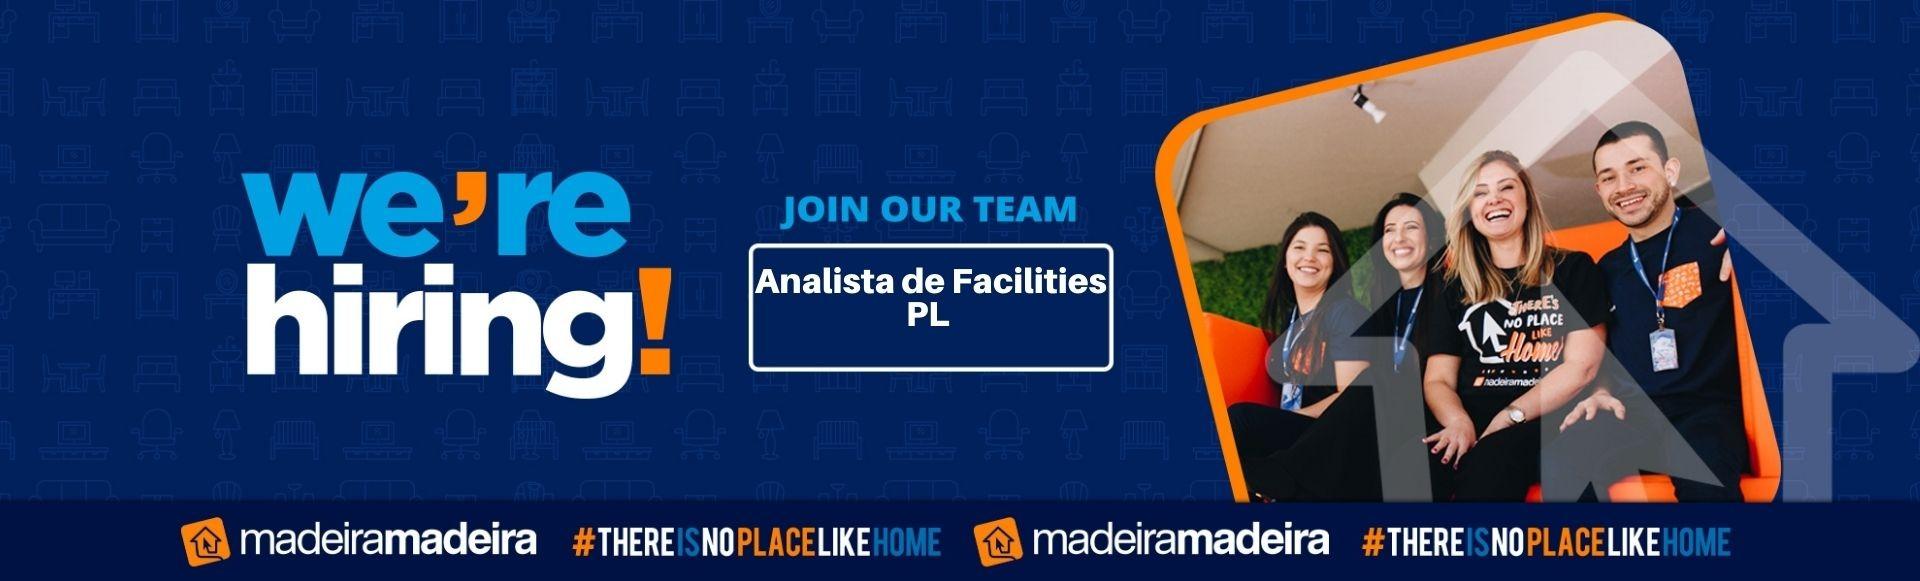 Analista de Facilities  PL (Projetos)